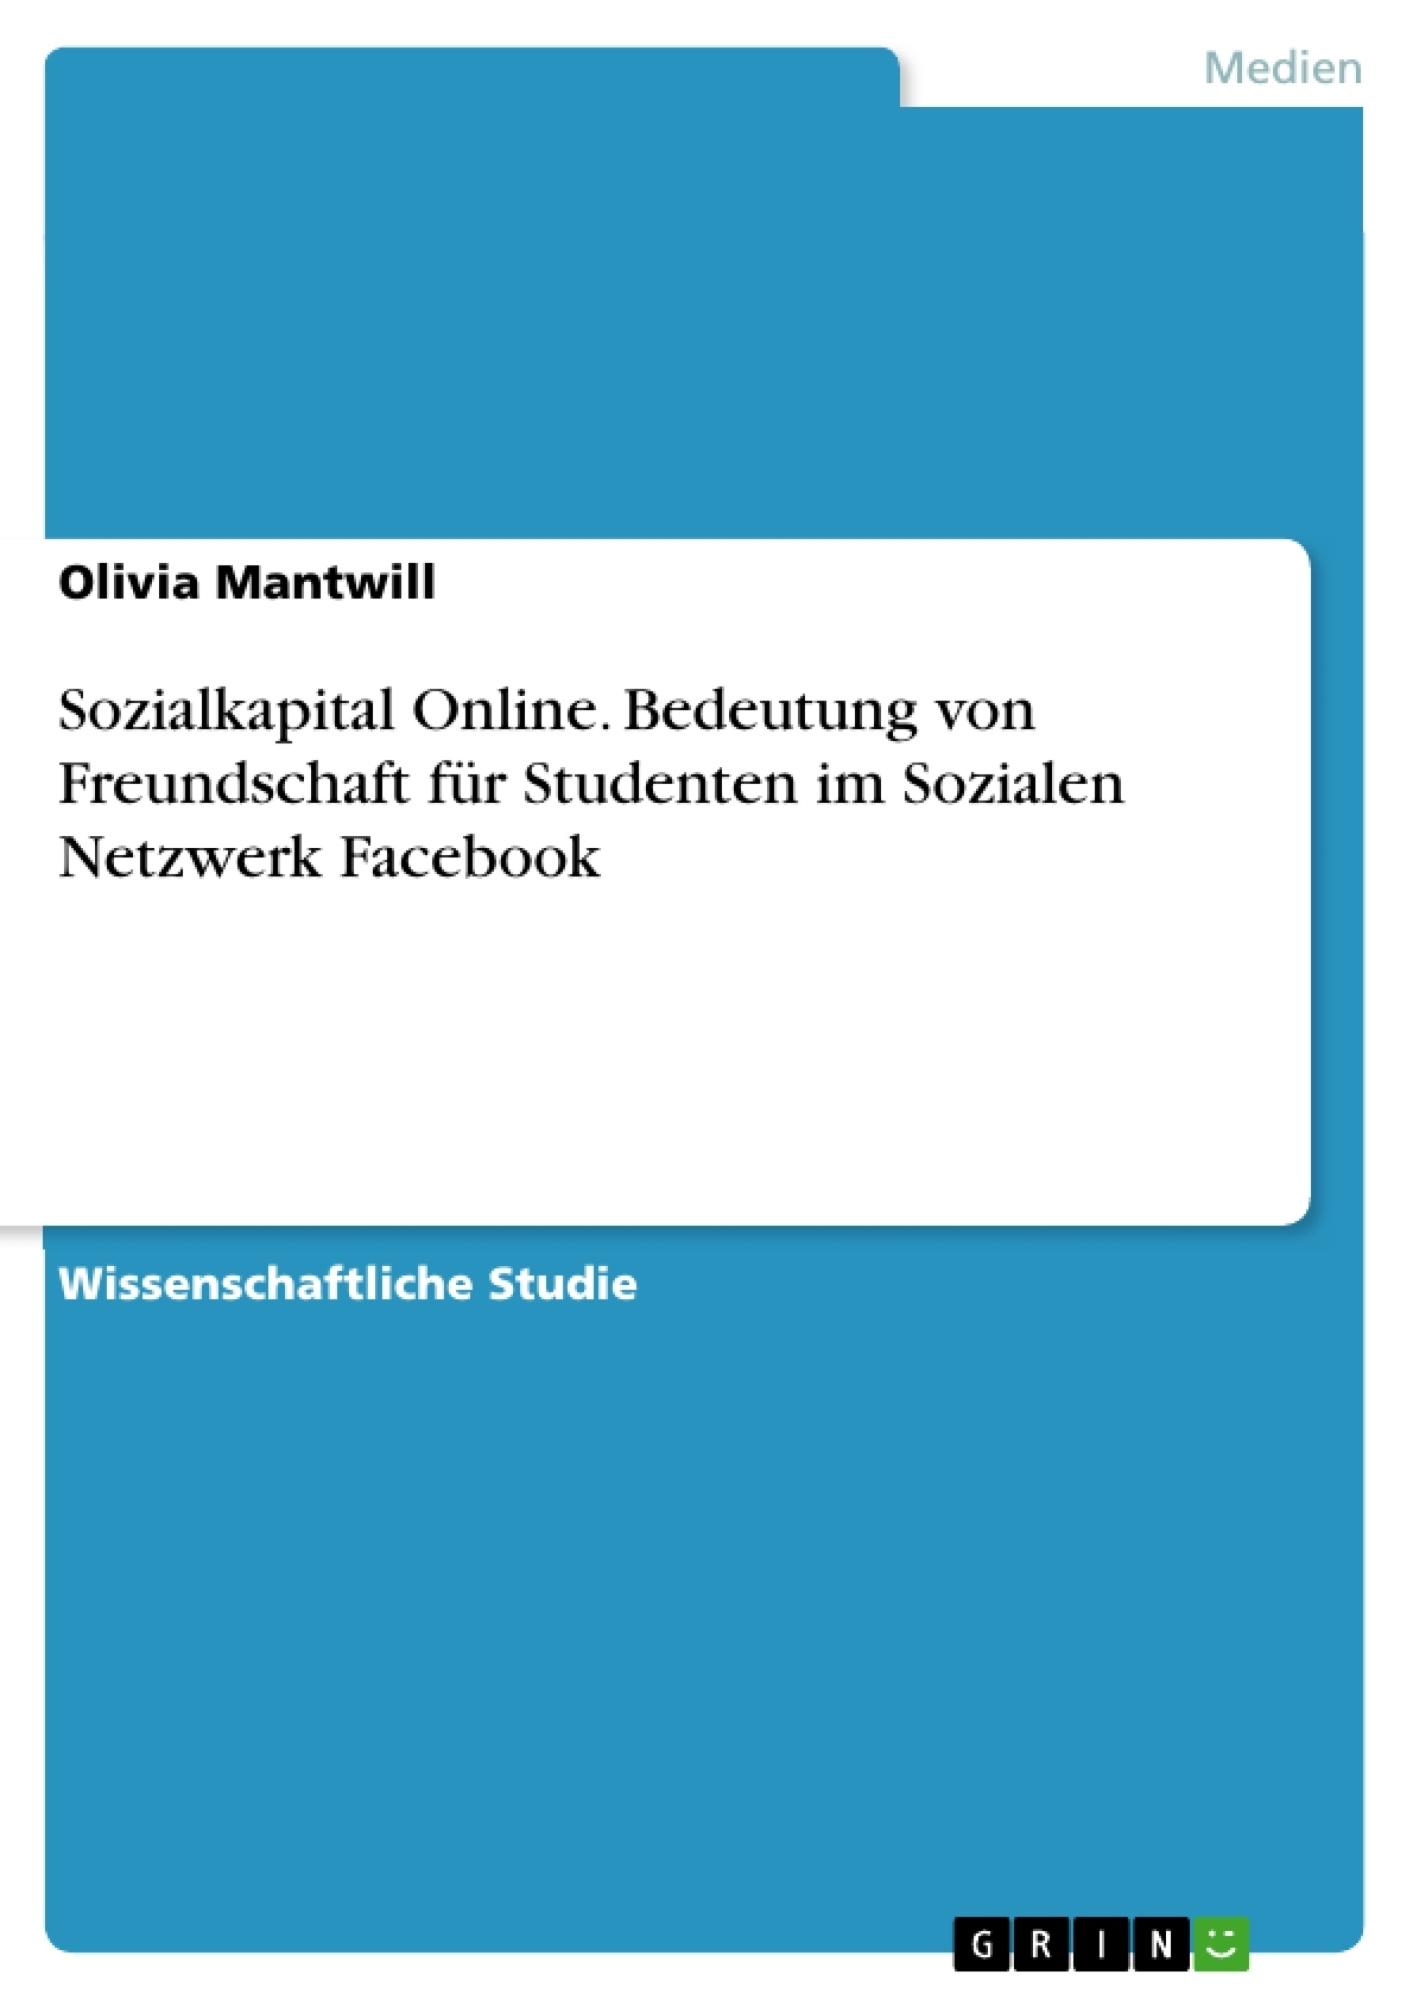 Titel: Sozialkapital Online. Bedeutung von Freundschaft für Studenten im Sozialen Netzwerk Facebook